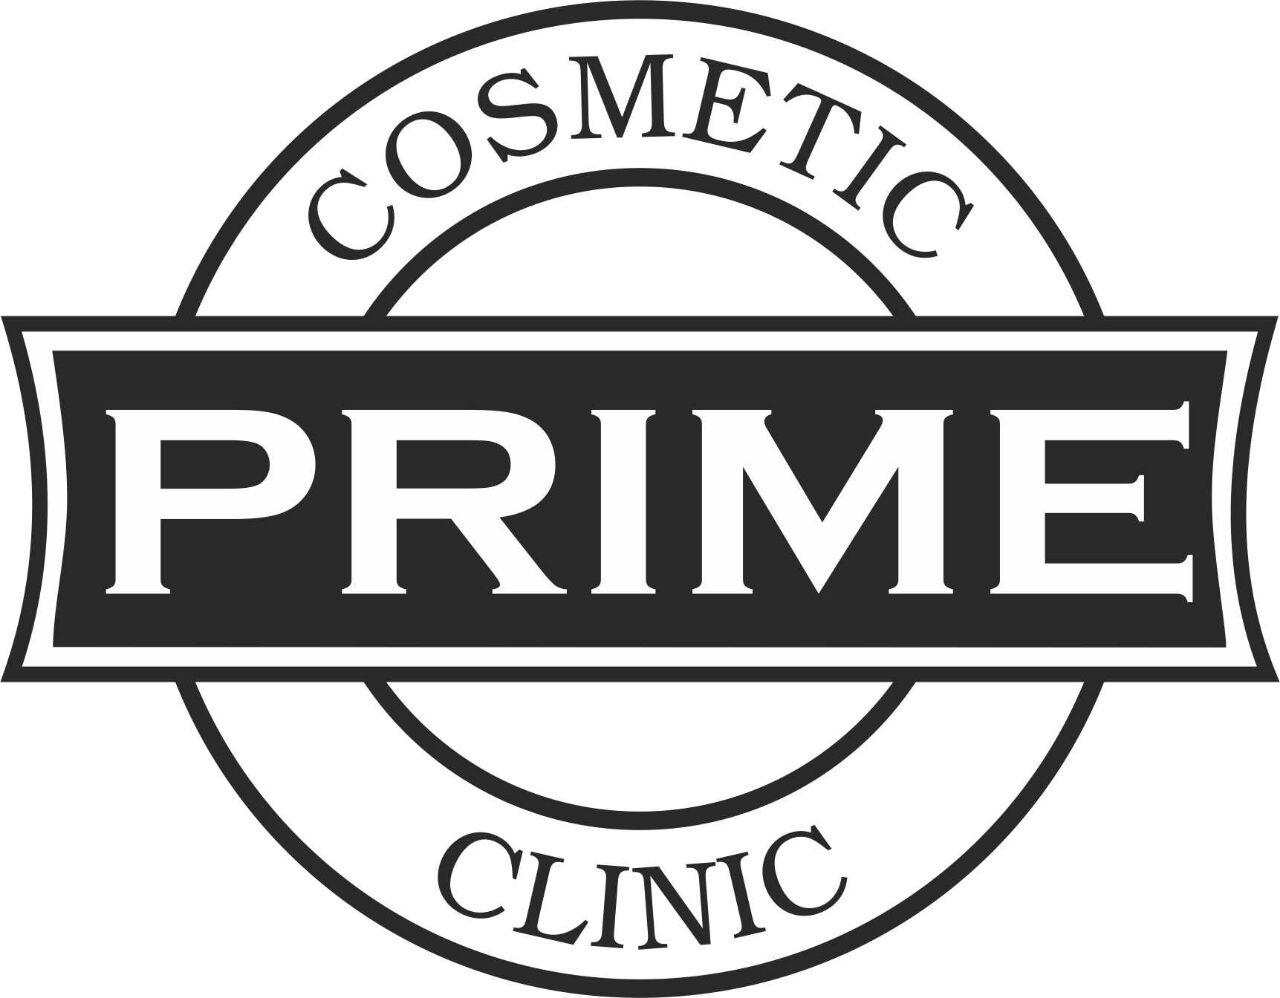 Prime Hair Studio | Lybrate.com